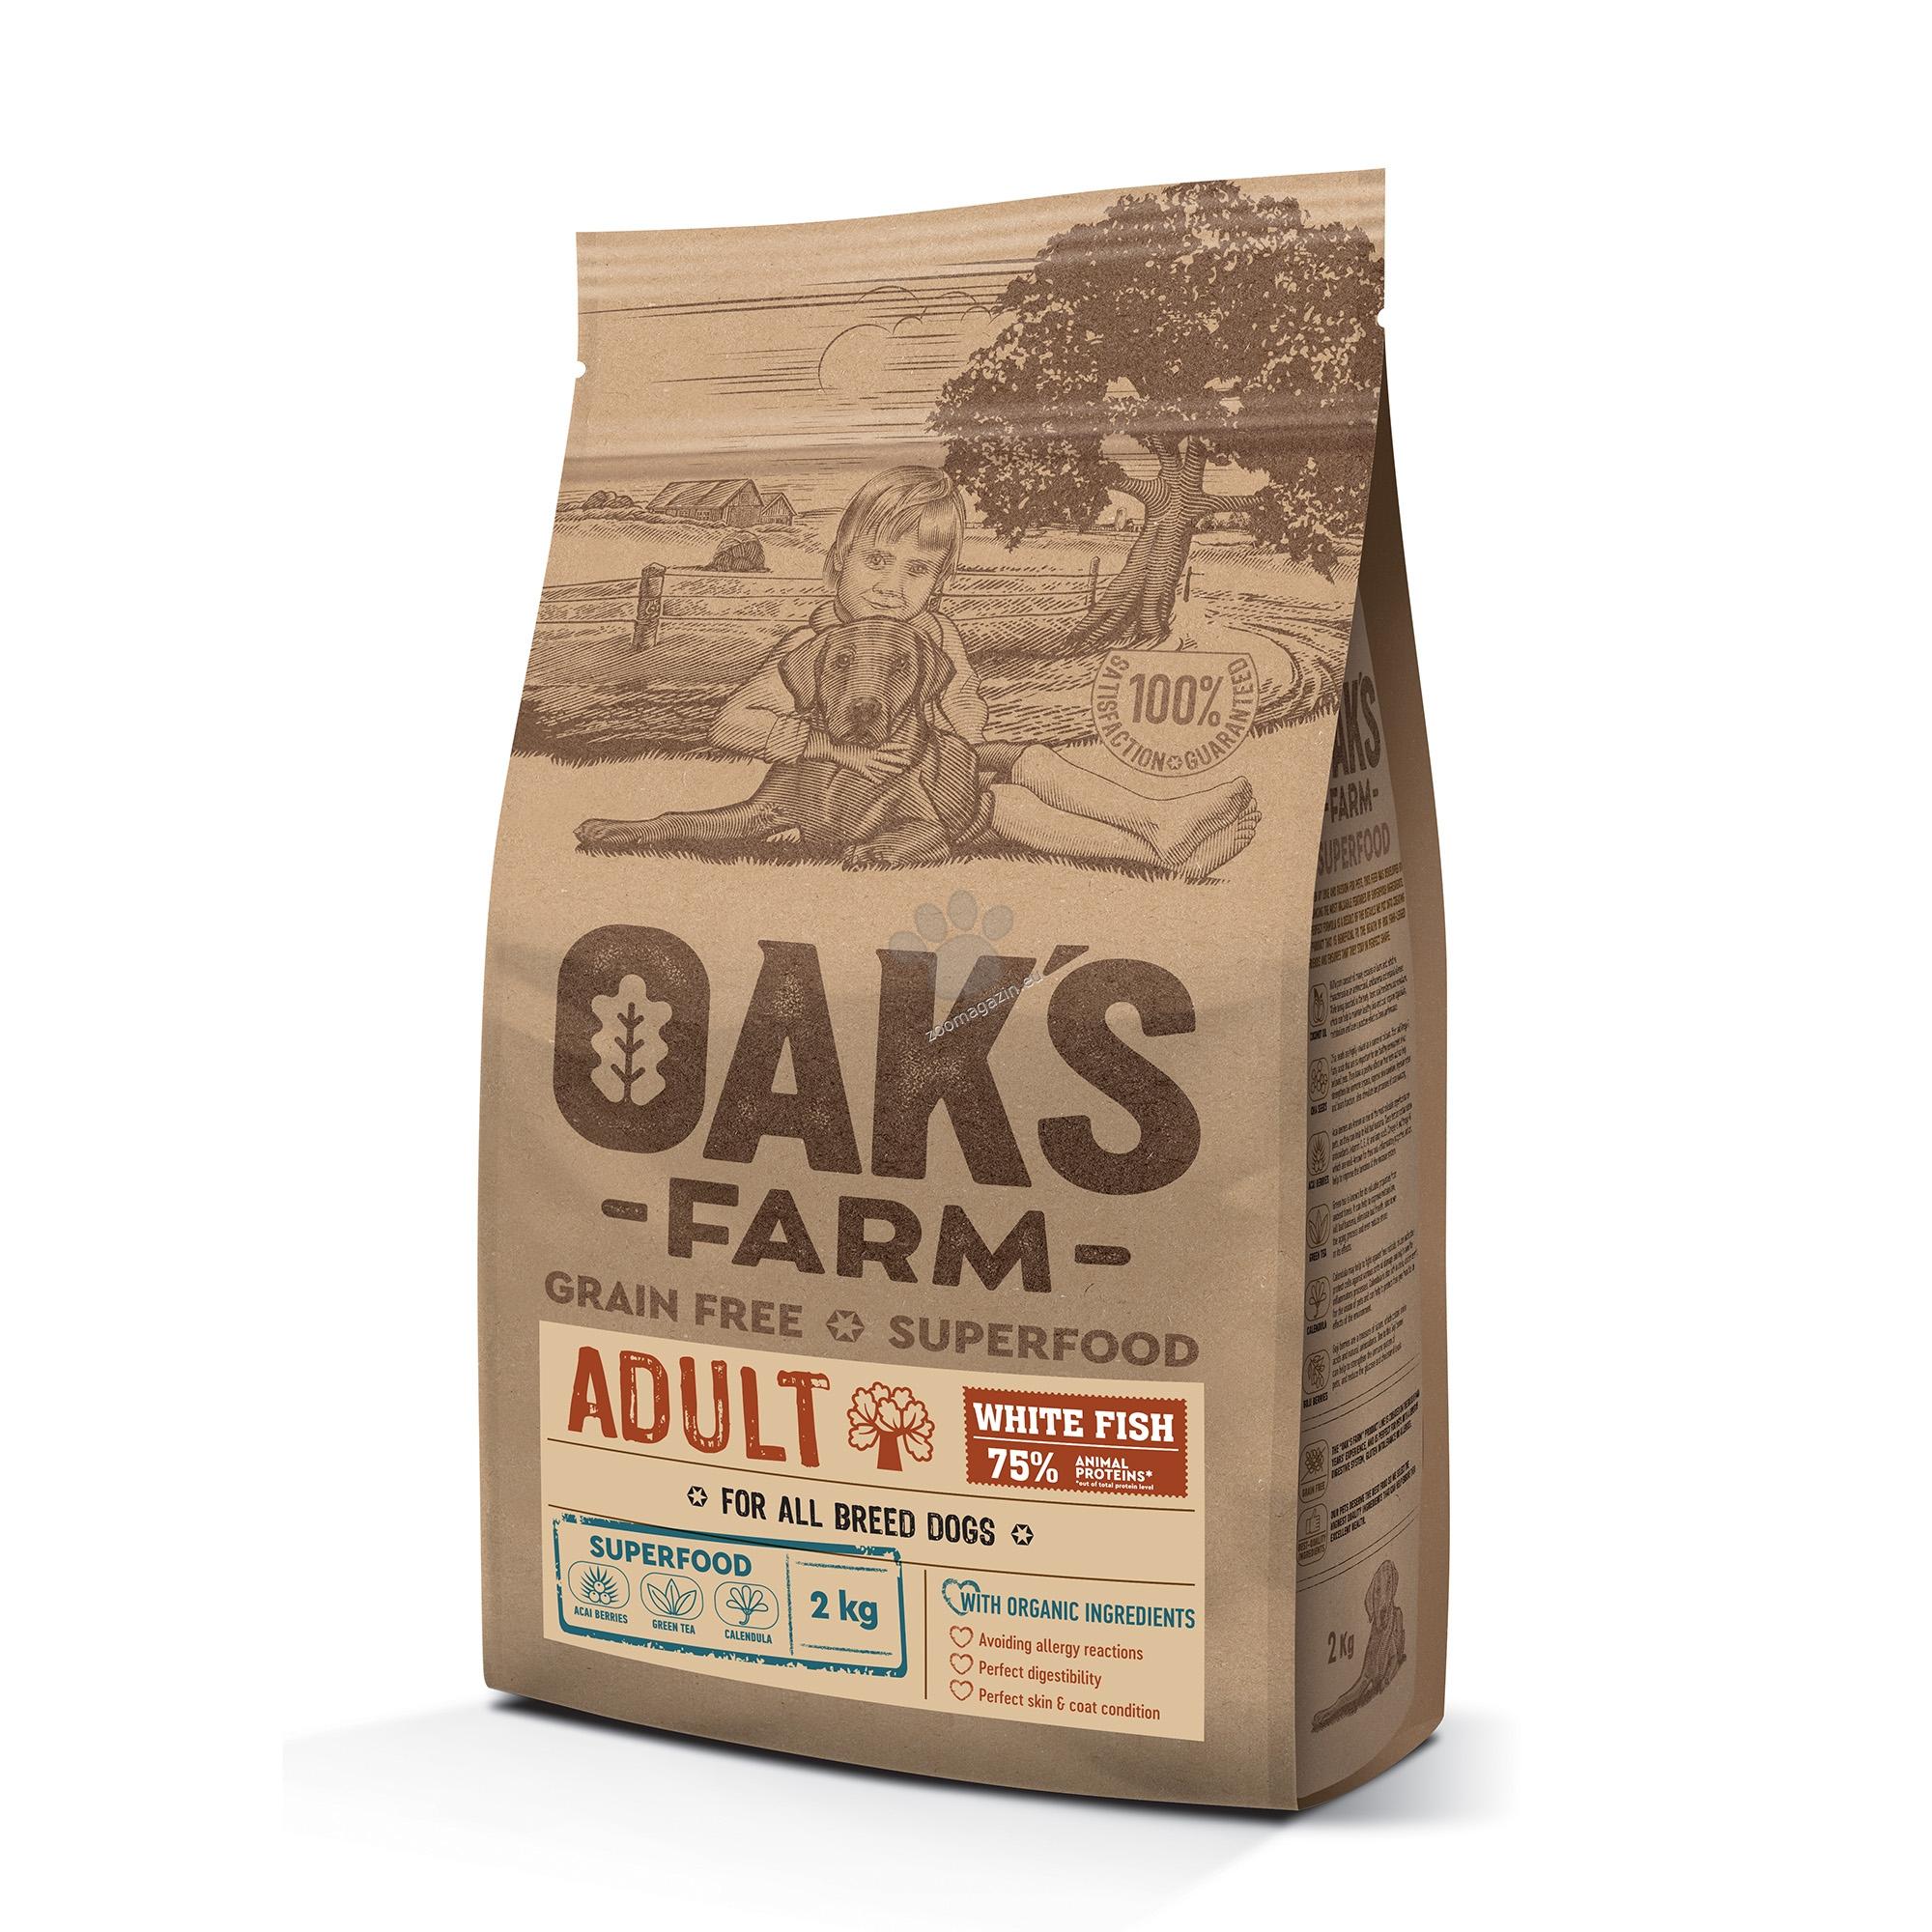 Oaks Farm Adult White Fish All Breeds - пълноценна храна с бяла риба, без зърнени култури за пораснали кучета от всякакви породи 18 кг.